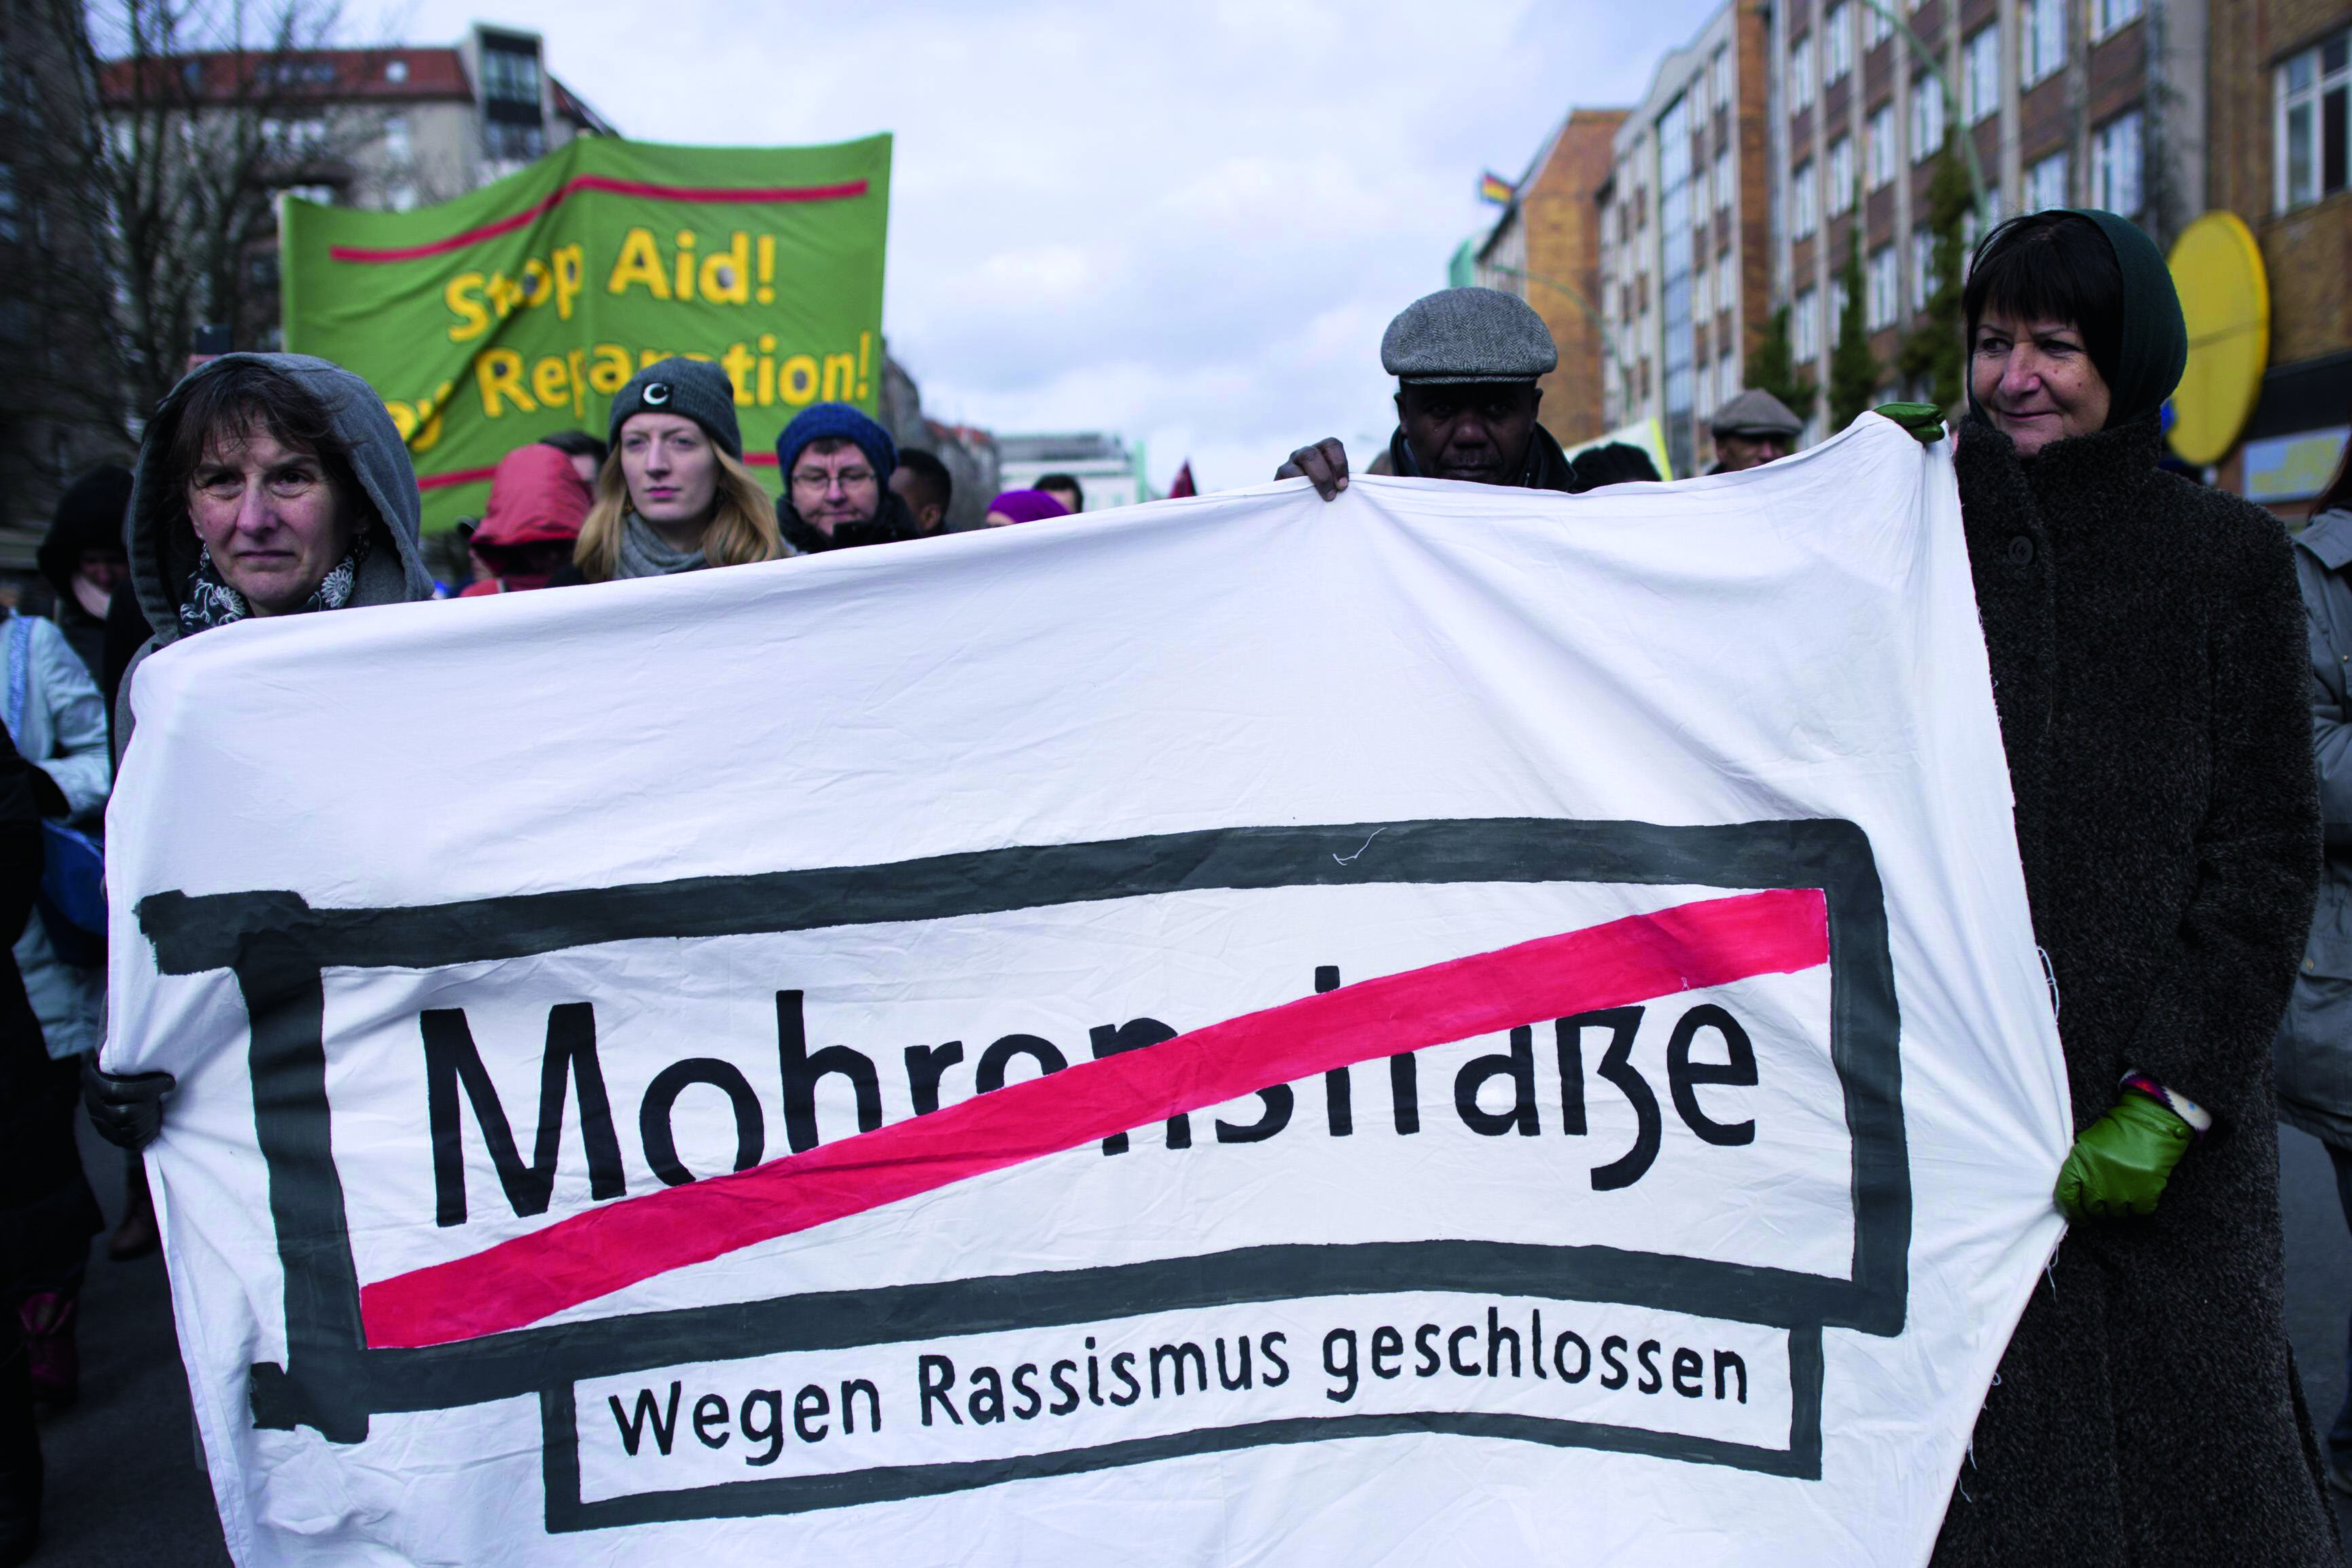 Mohrenstraße umbenenenn